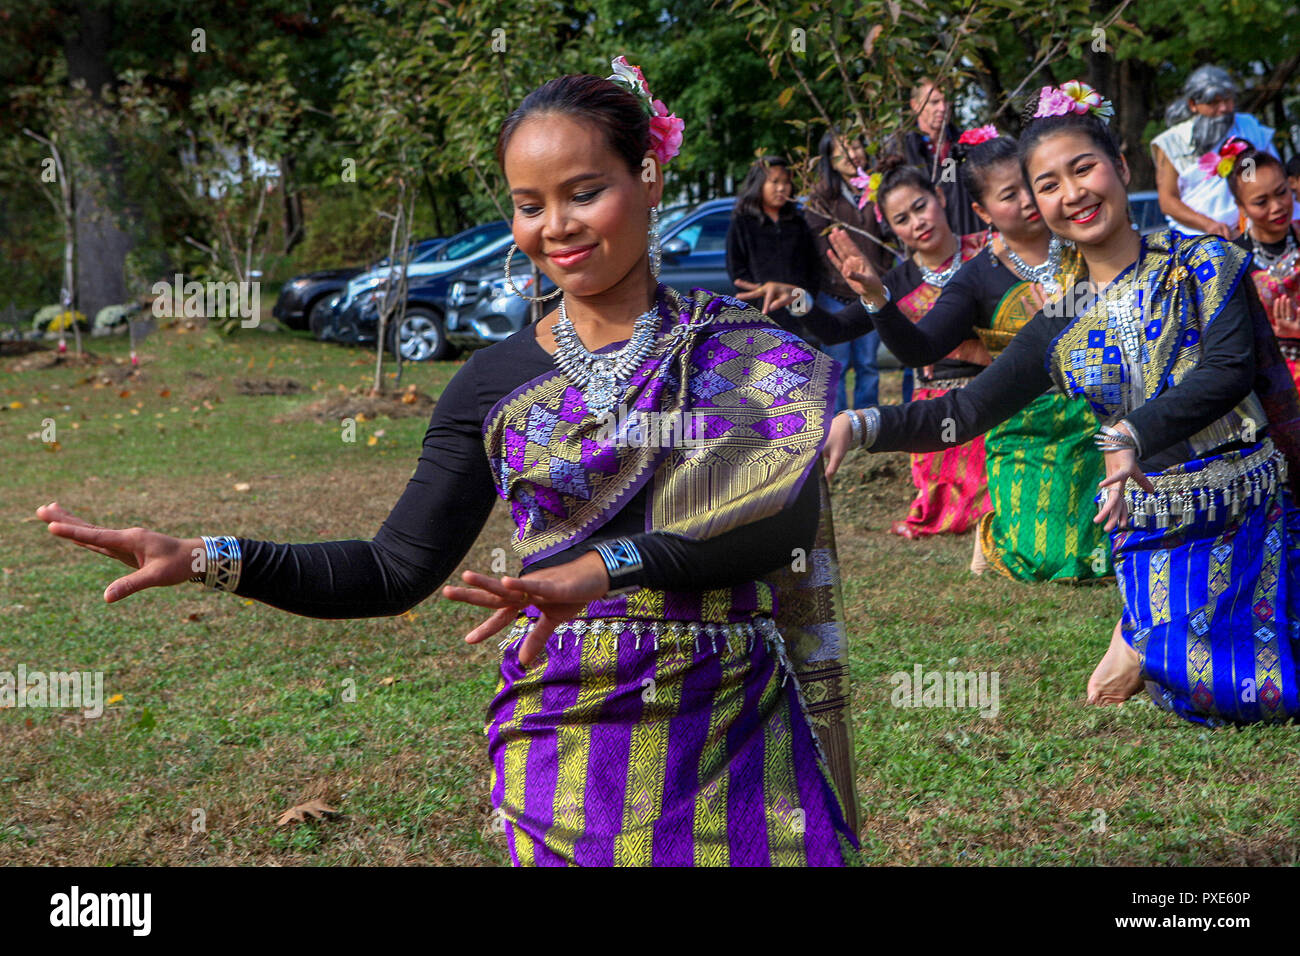 Bedford, MA, Stati Uniti d'America - 21 OTT 2018: Thai Apsara ballerini eseguita alla fine annuale di Quaresima celebrazione svoltasi presso il Wat Boston Vararam Buddha, un Thai Theravada tempio buddista. Immagini Stock